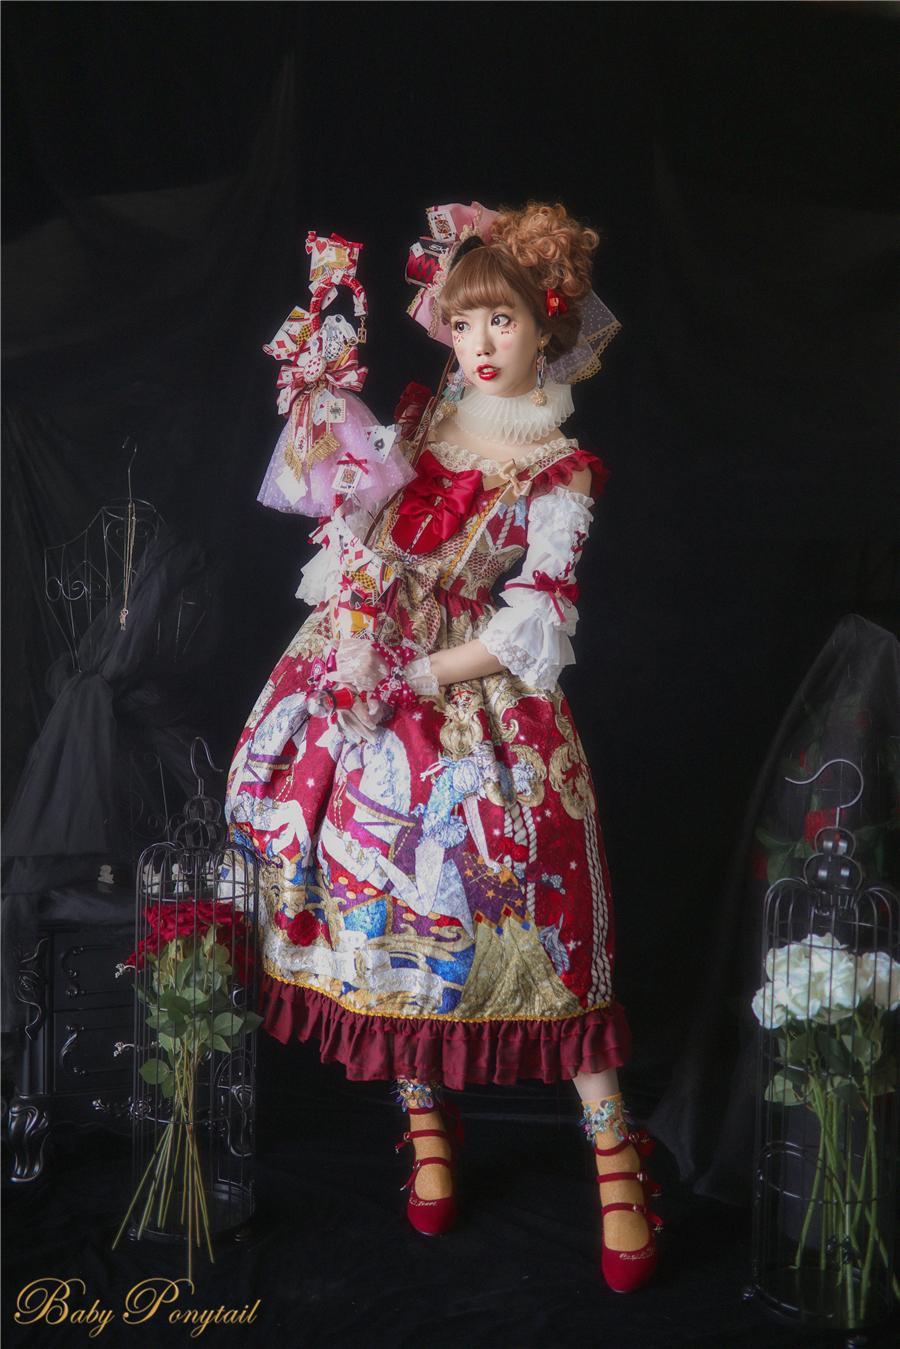 Baby Ponytail_Circus Princess_Red JSK_Kaka_05.jpg